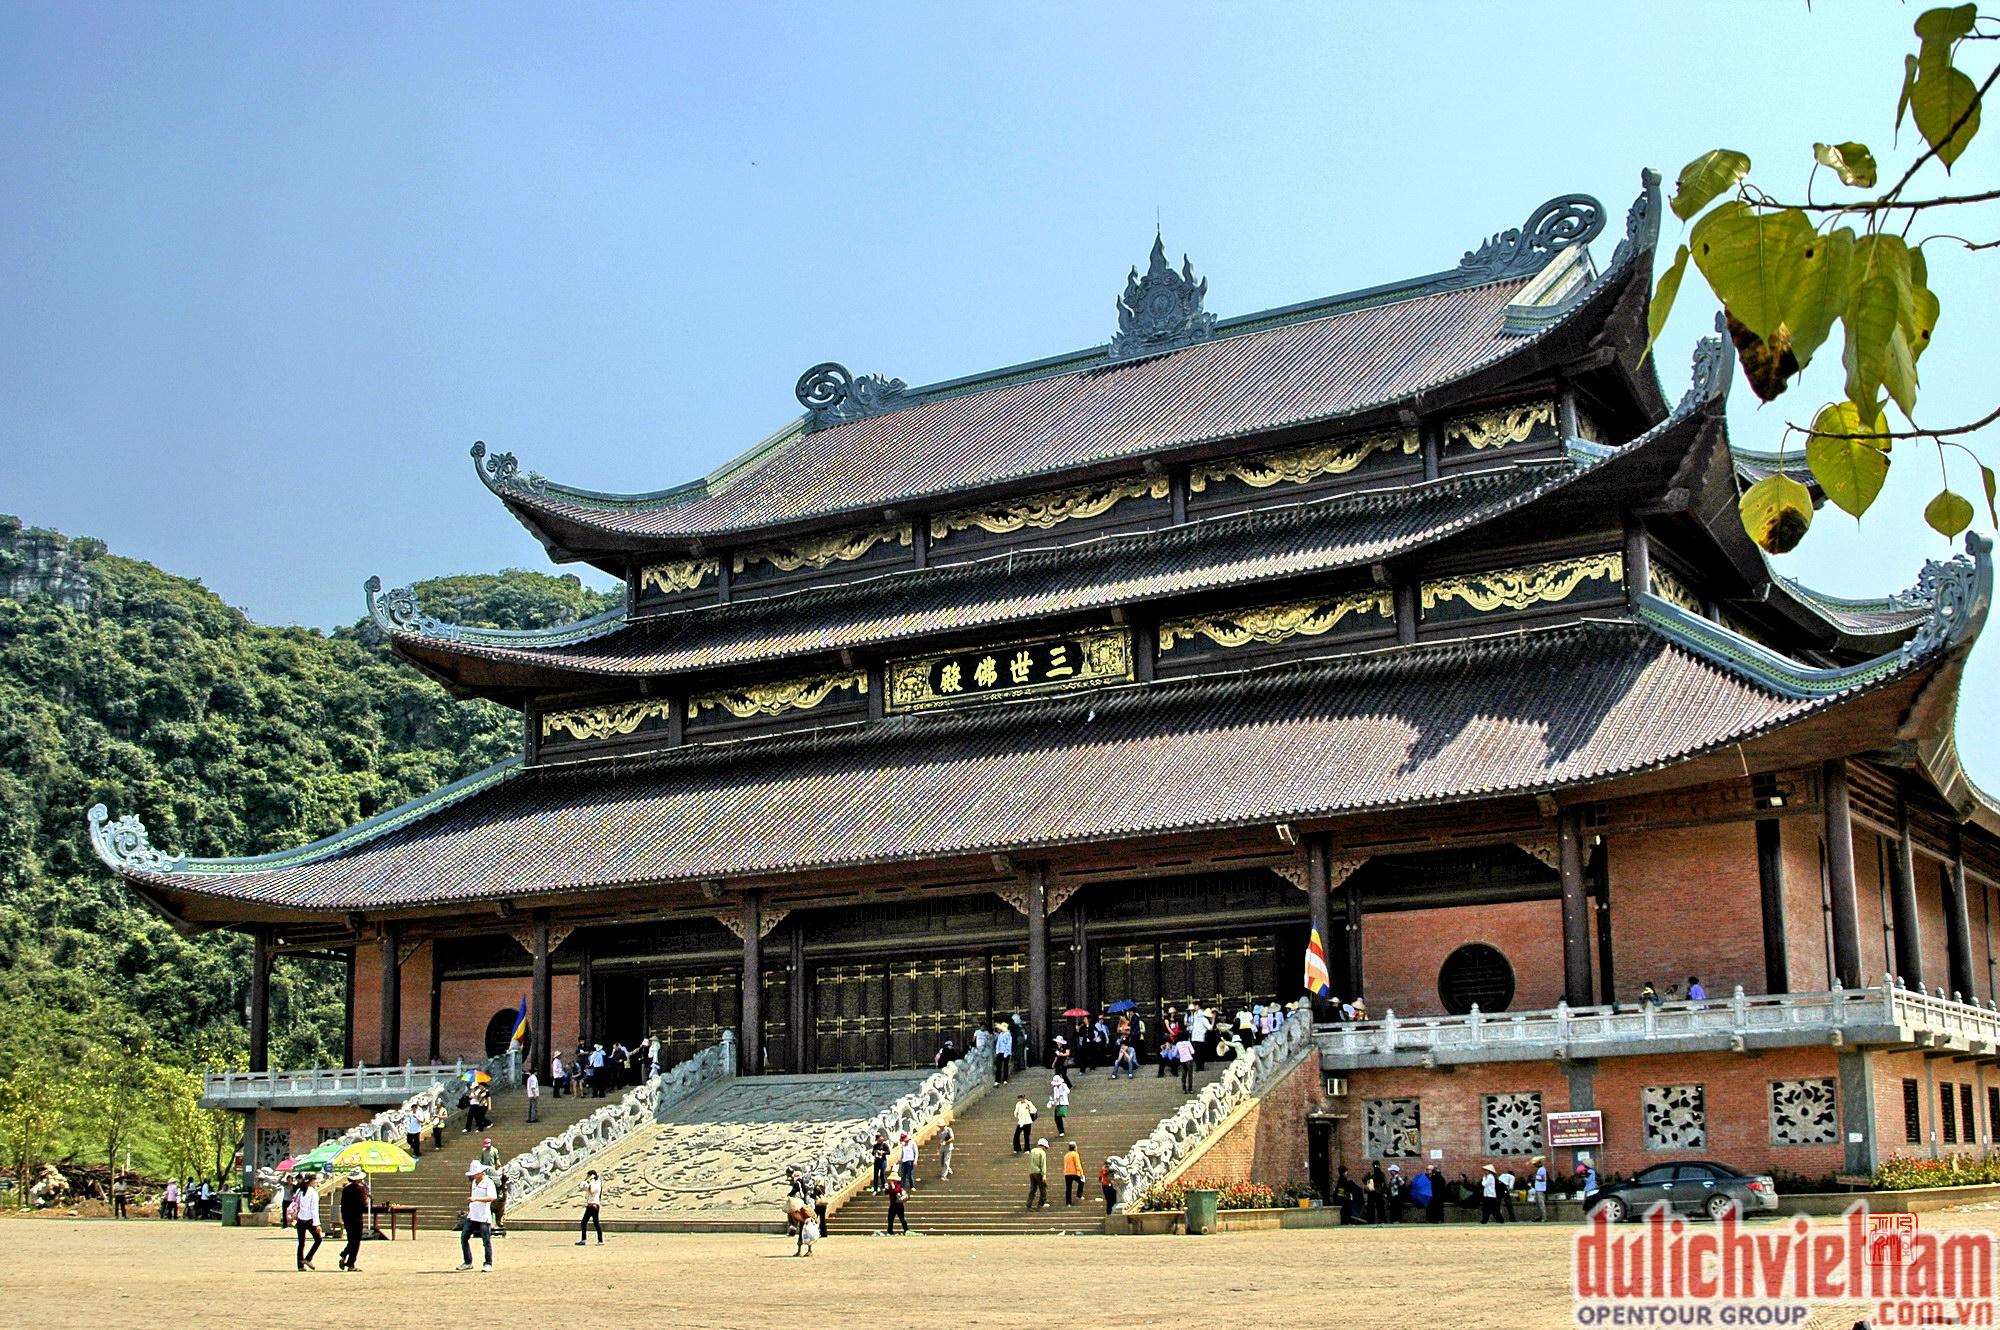 Chùa Bái Đính - Ngôi chùa lớn nhất khu vực Đông Nam Á